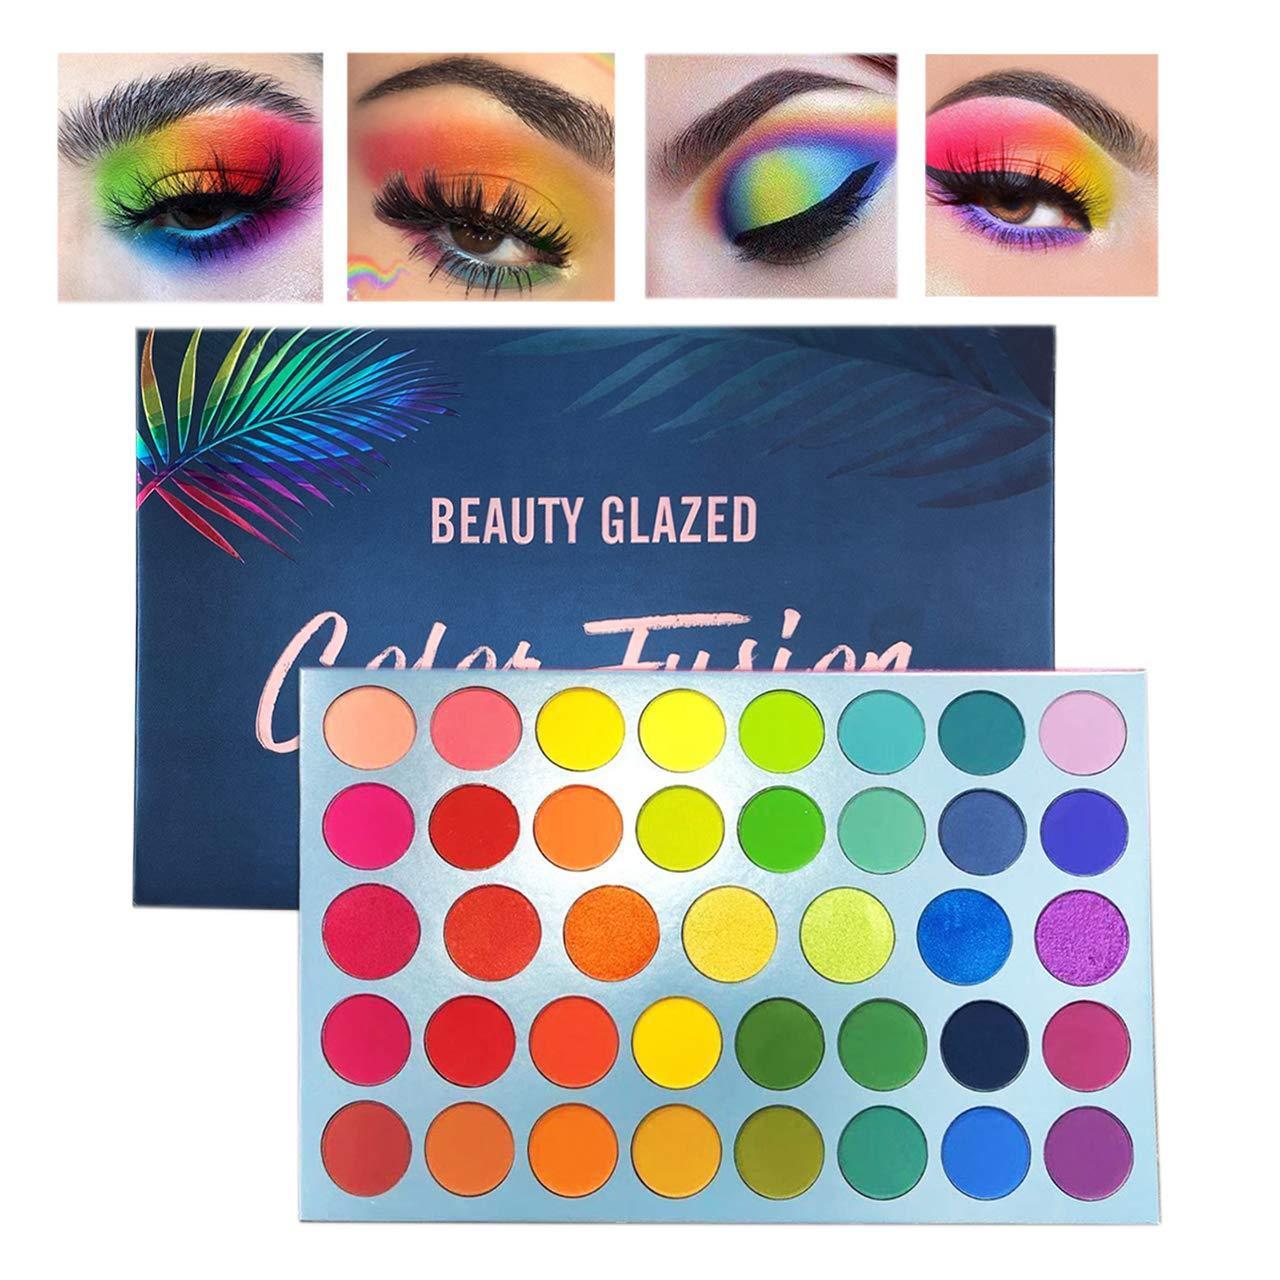 Güzellik Camlı Profesyonel 39 Renk Makyaj Mat Metalik Flaş Göz Farı Paleti - Ultra Renk Parlak ve Parlak Renk Göz Farı